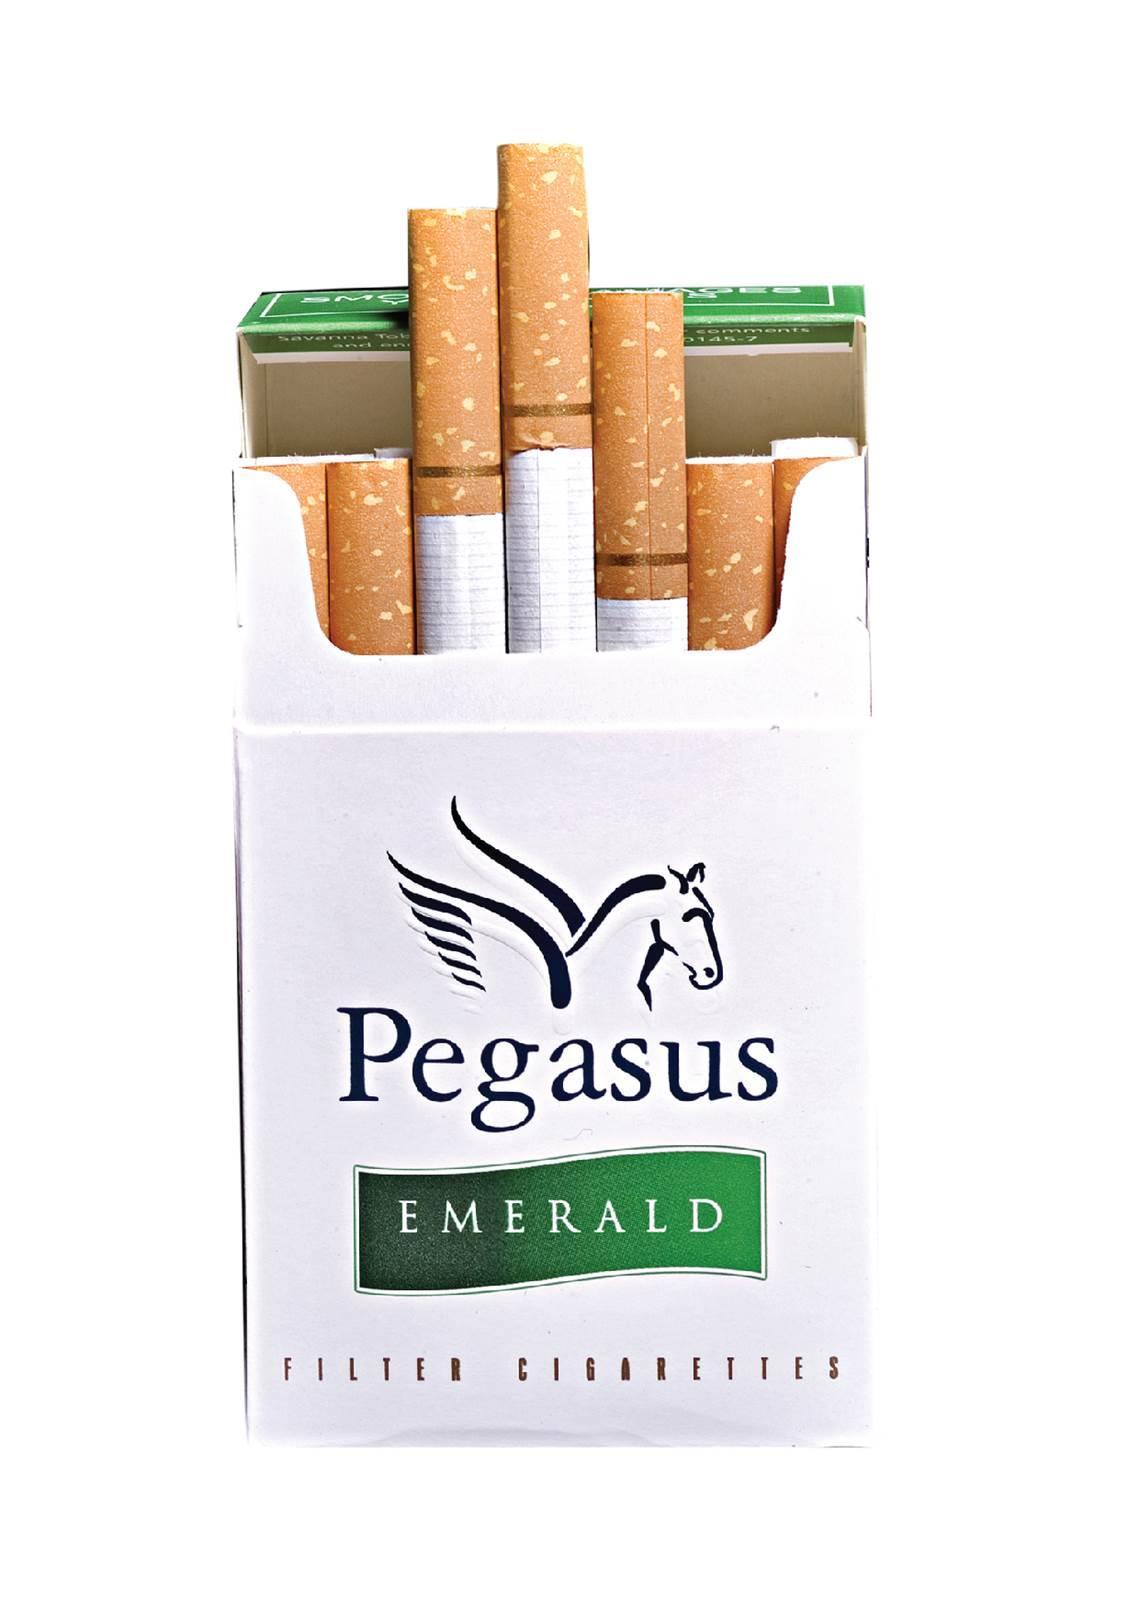 Pegasus Emerald